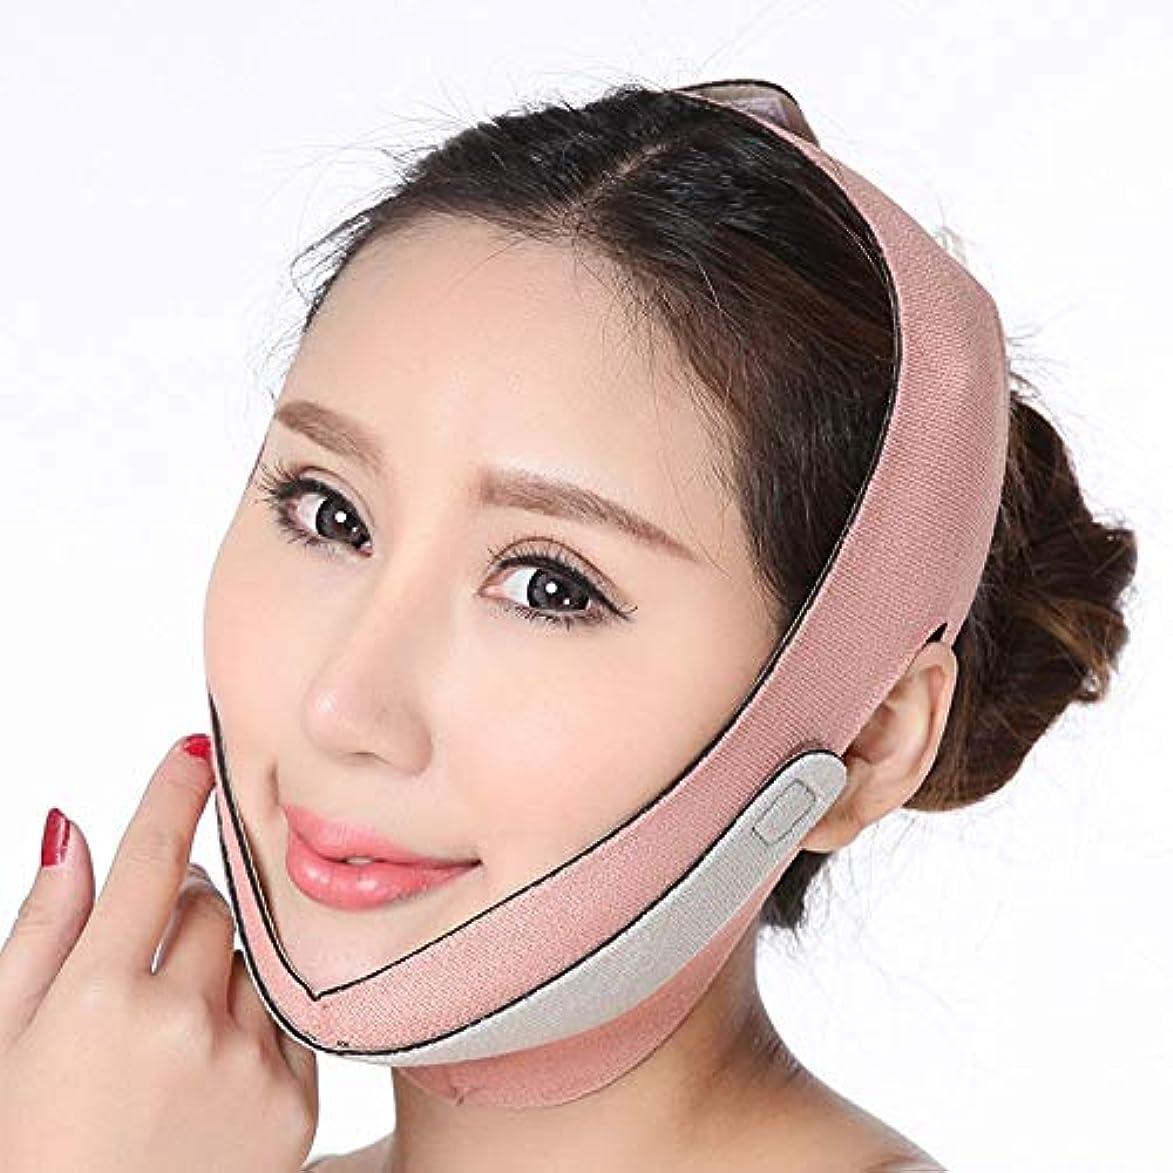 バンジョー違反するグラスJia Jia- シンフェイス包帯シンフェイスマスクフェイスリフトアーティファクトレイズVフェイスシンフェイスフェイスリフティング美容マスク小フェイス包帯 顔面包帯 (色 : A)